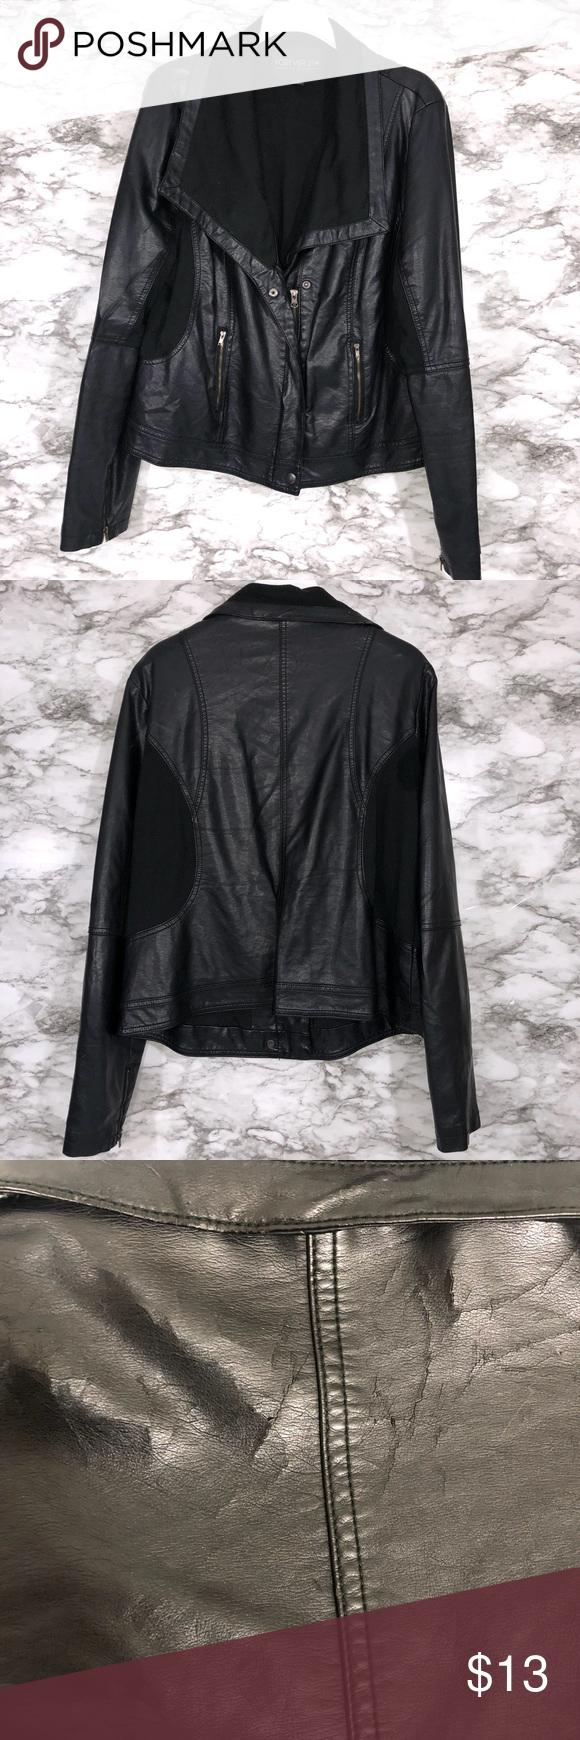 Forever 21 Black Leather Jacket Black Leather Jacket Jackets Leather Jacket [ 1740 x 580 Pixel ]